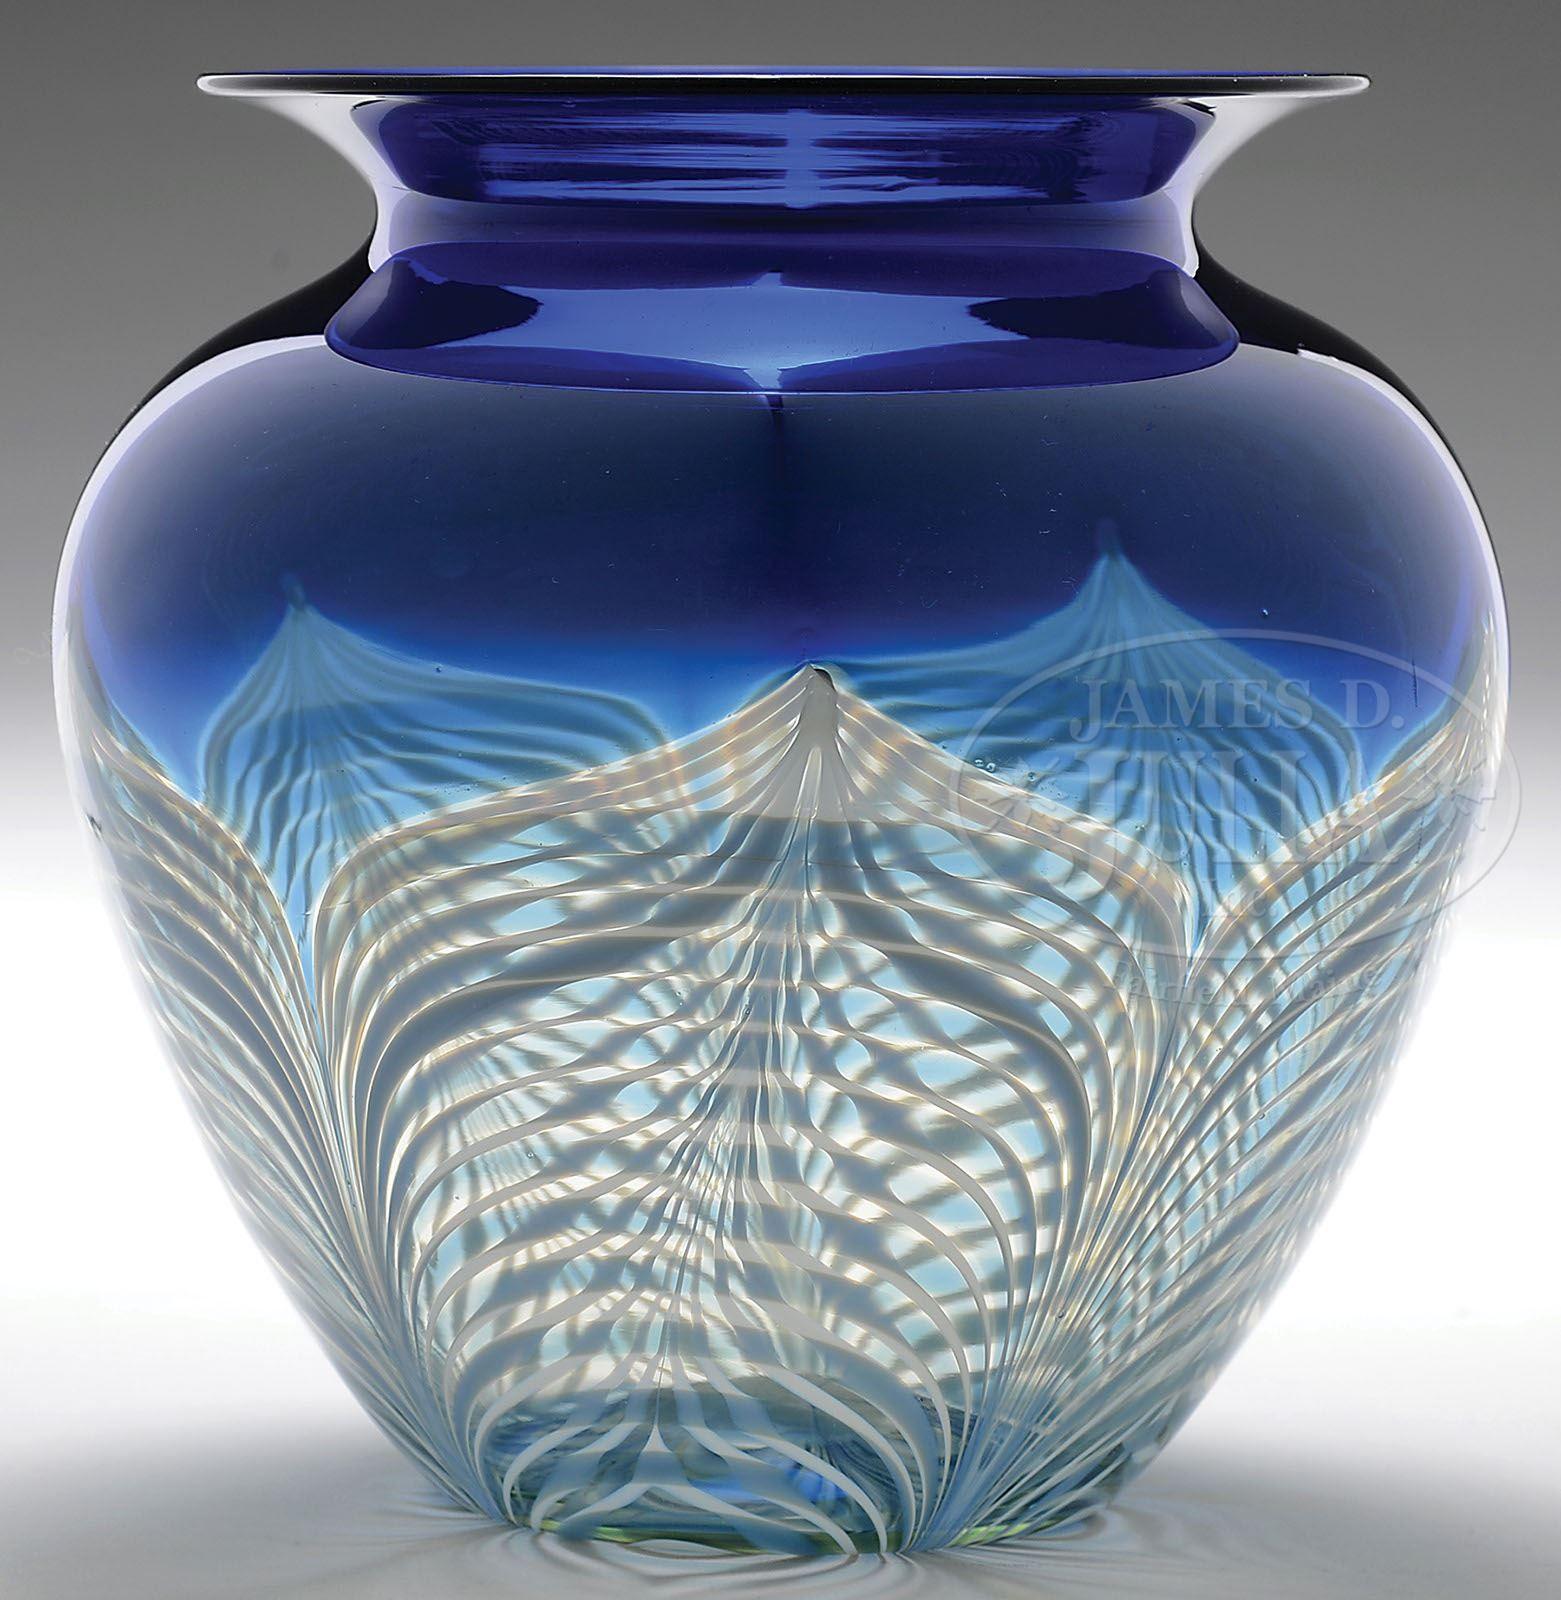 James D. Julia, Inc. - Durand Shoulder Vase. Cobalt blue vase with a white pulled feather decoration.